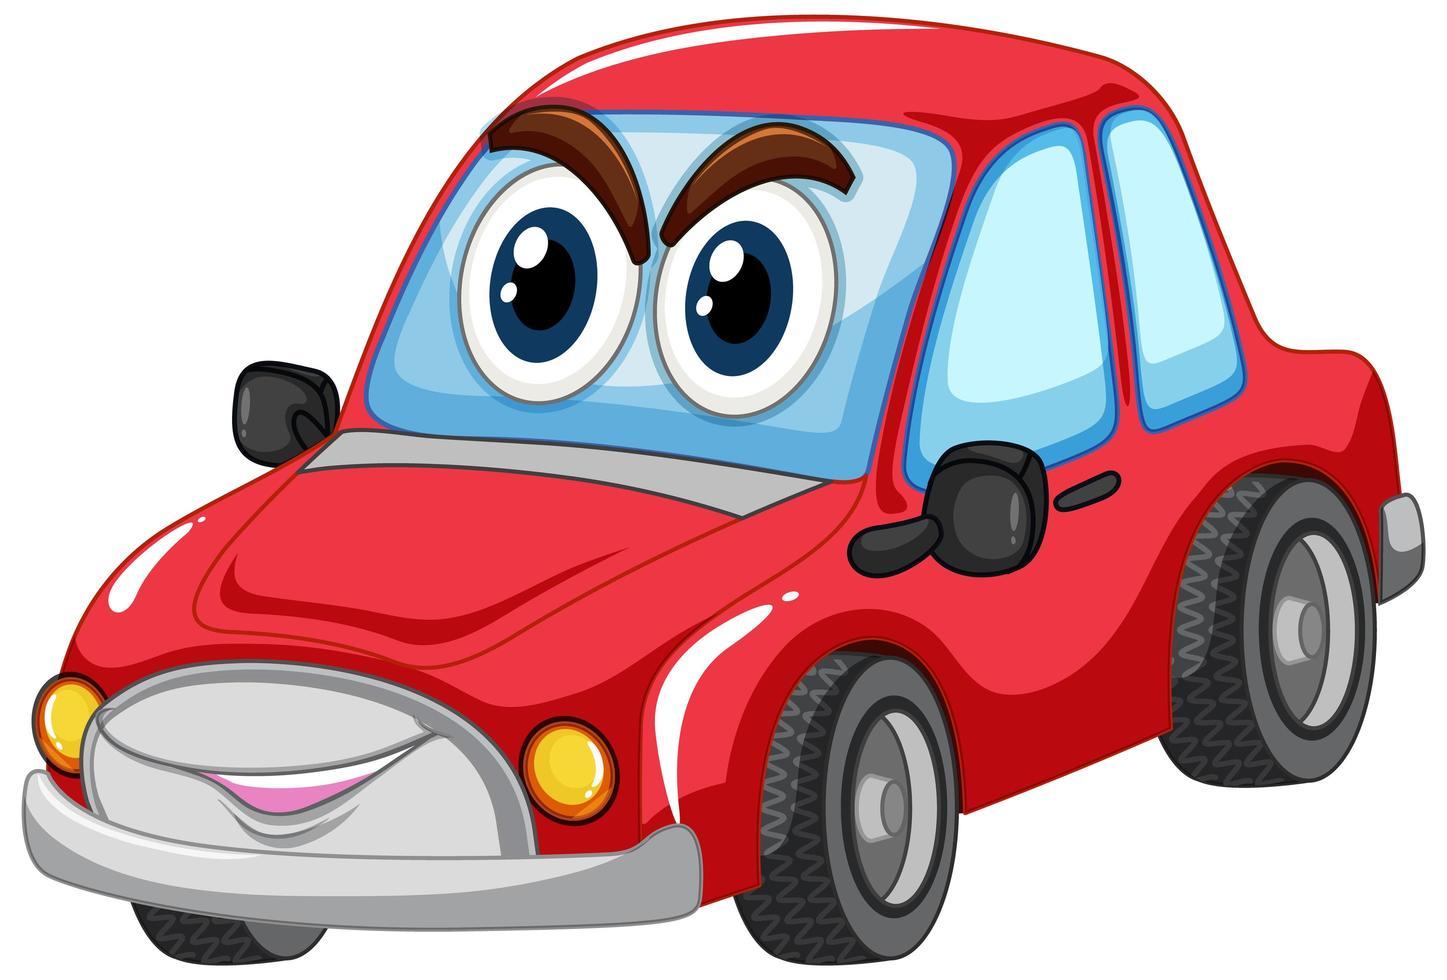 rode auto met het karakter van het grote ogenkarton geïsoleerd vector